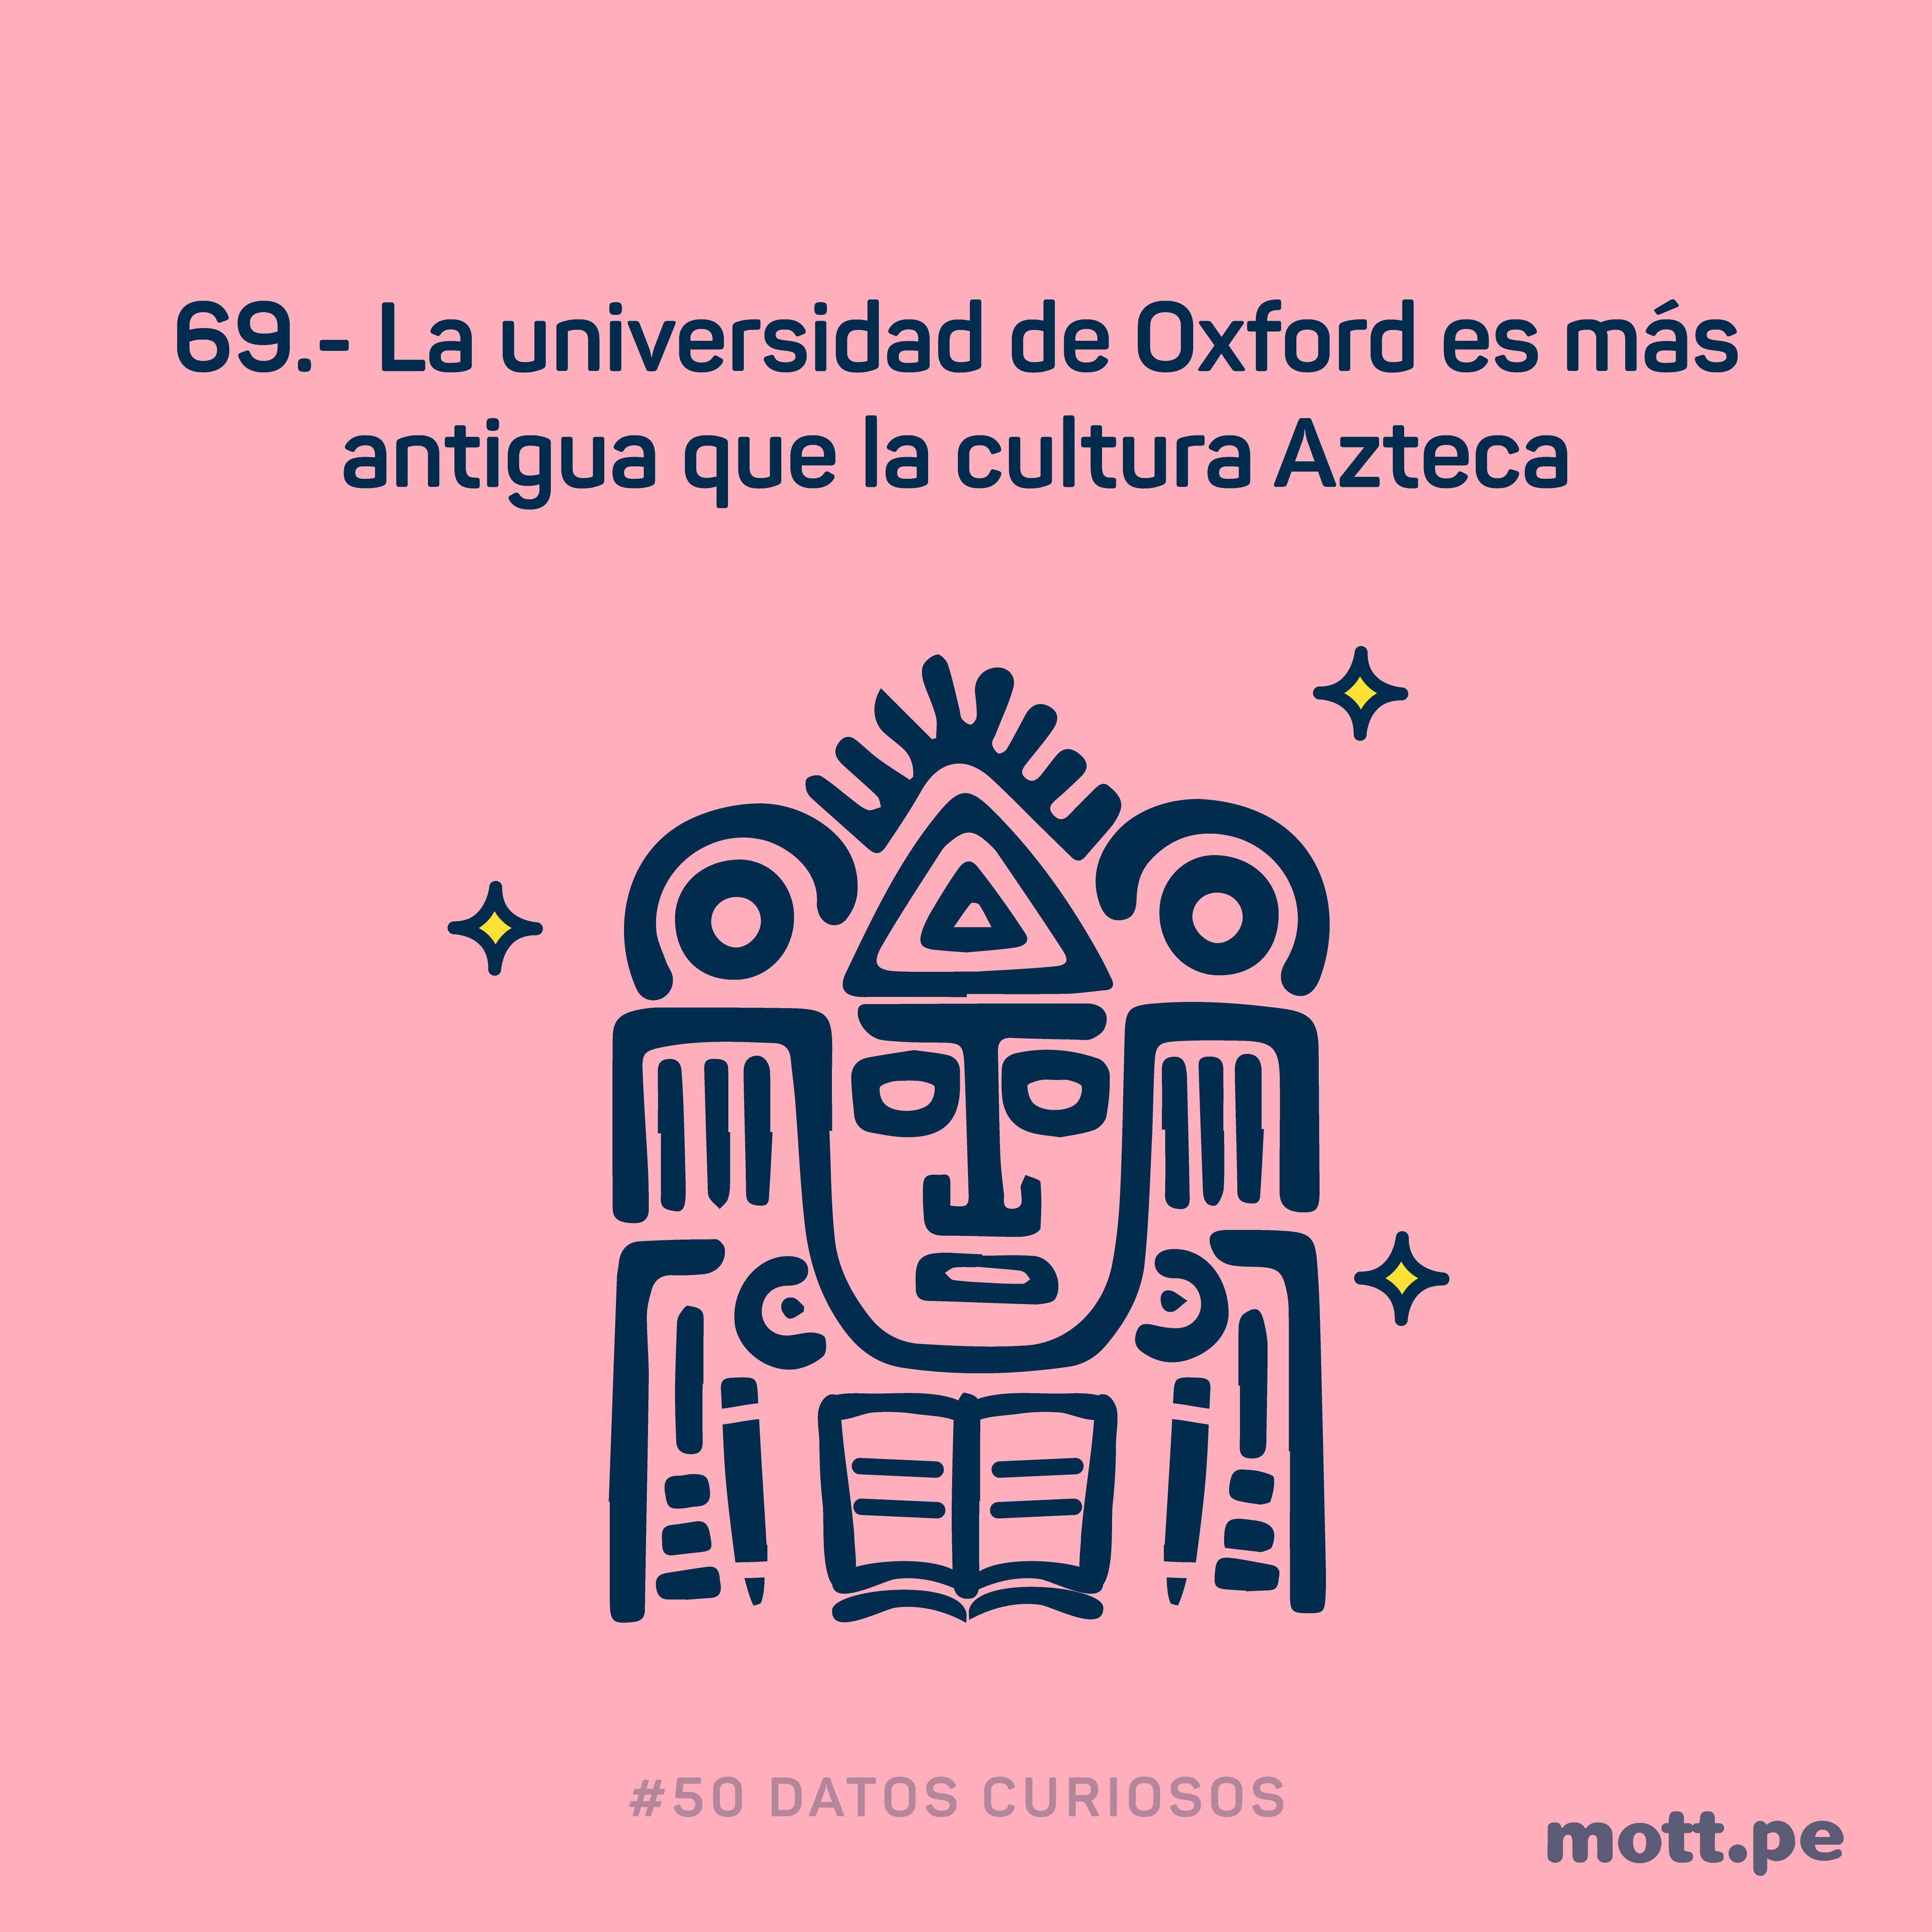 Universidad de Oxford es mas antigua que la cultura azteca